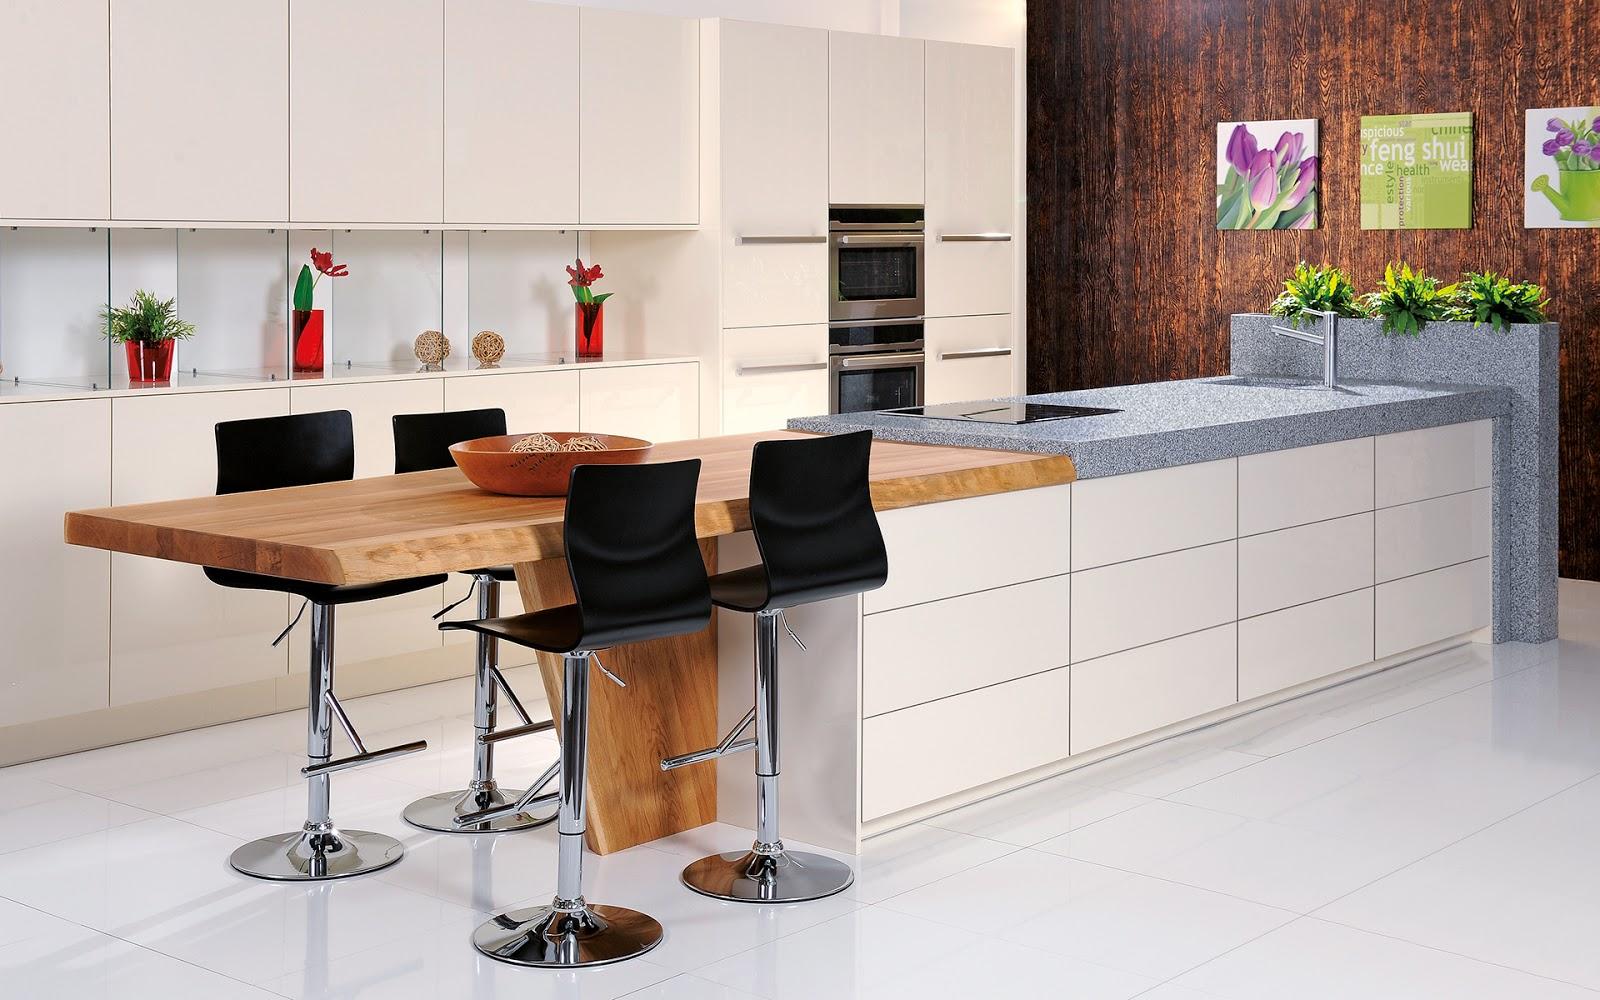 30 ideas de mesas y barras para comer en la cocina for Isla de cocina con mesa